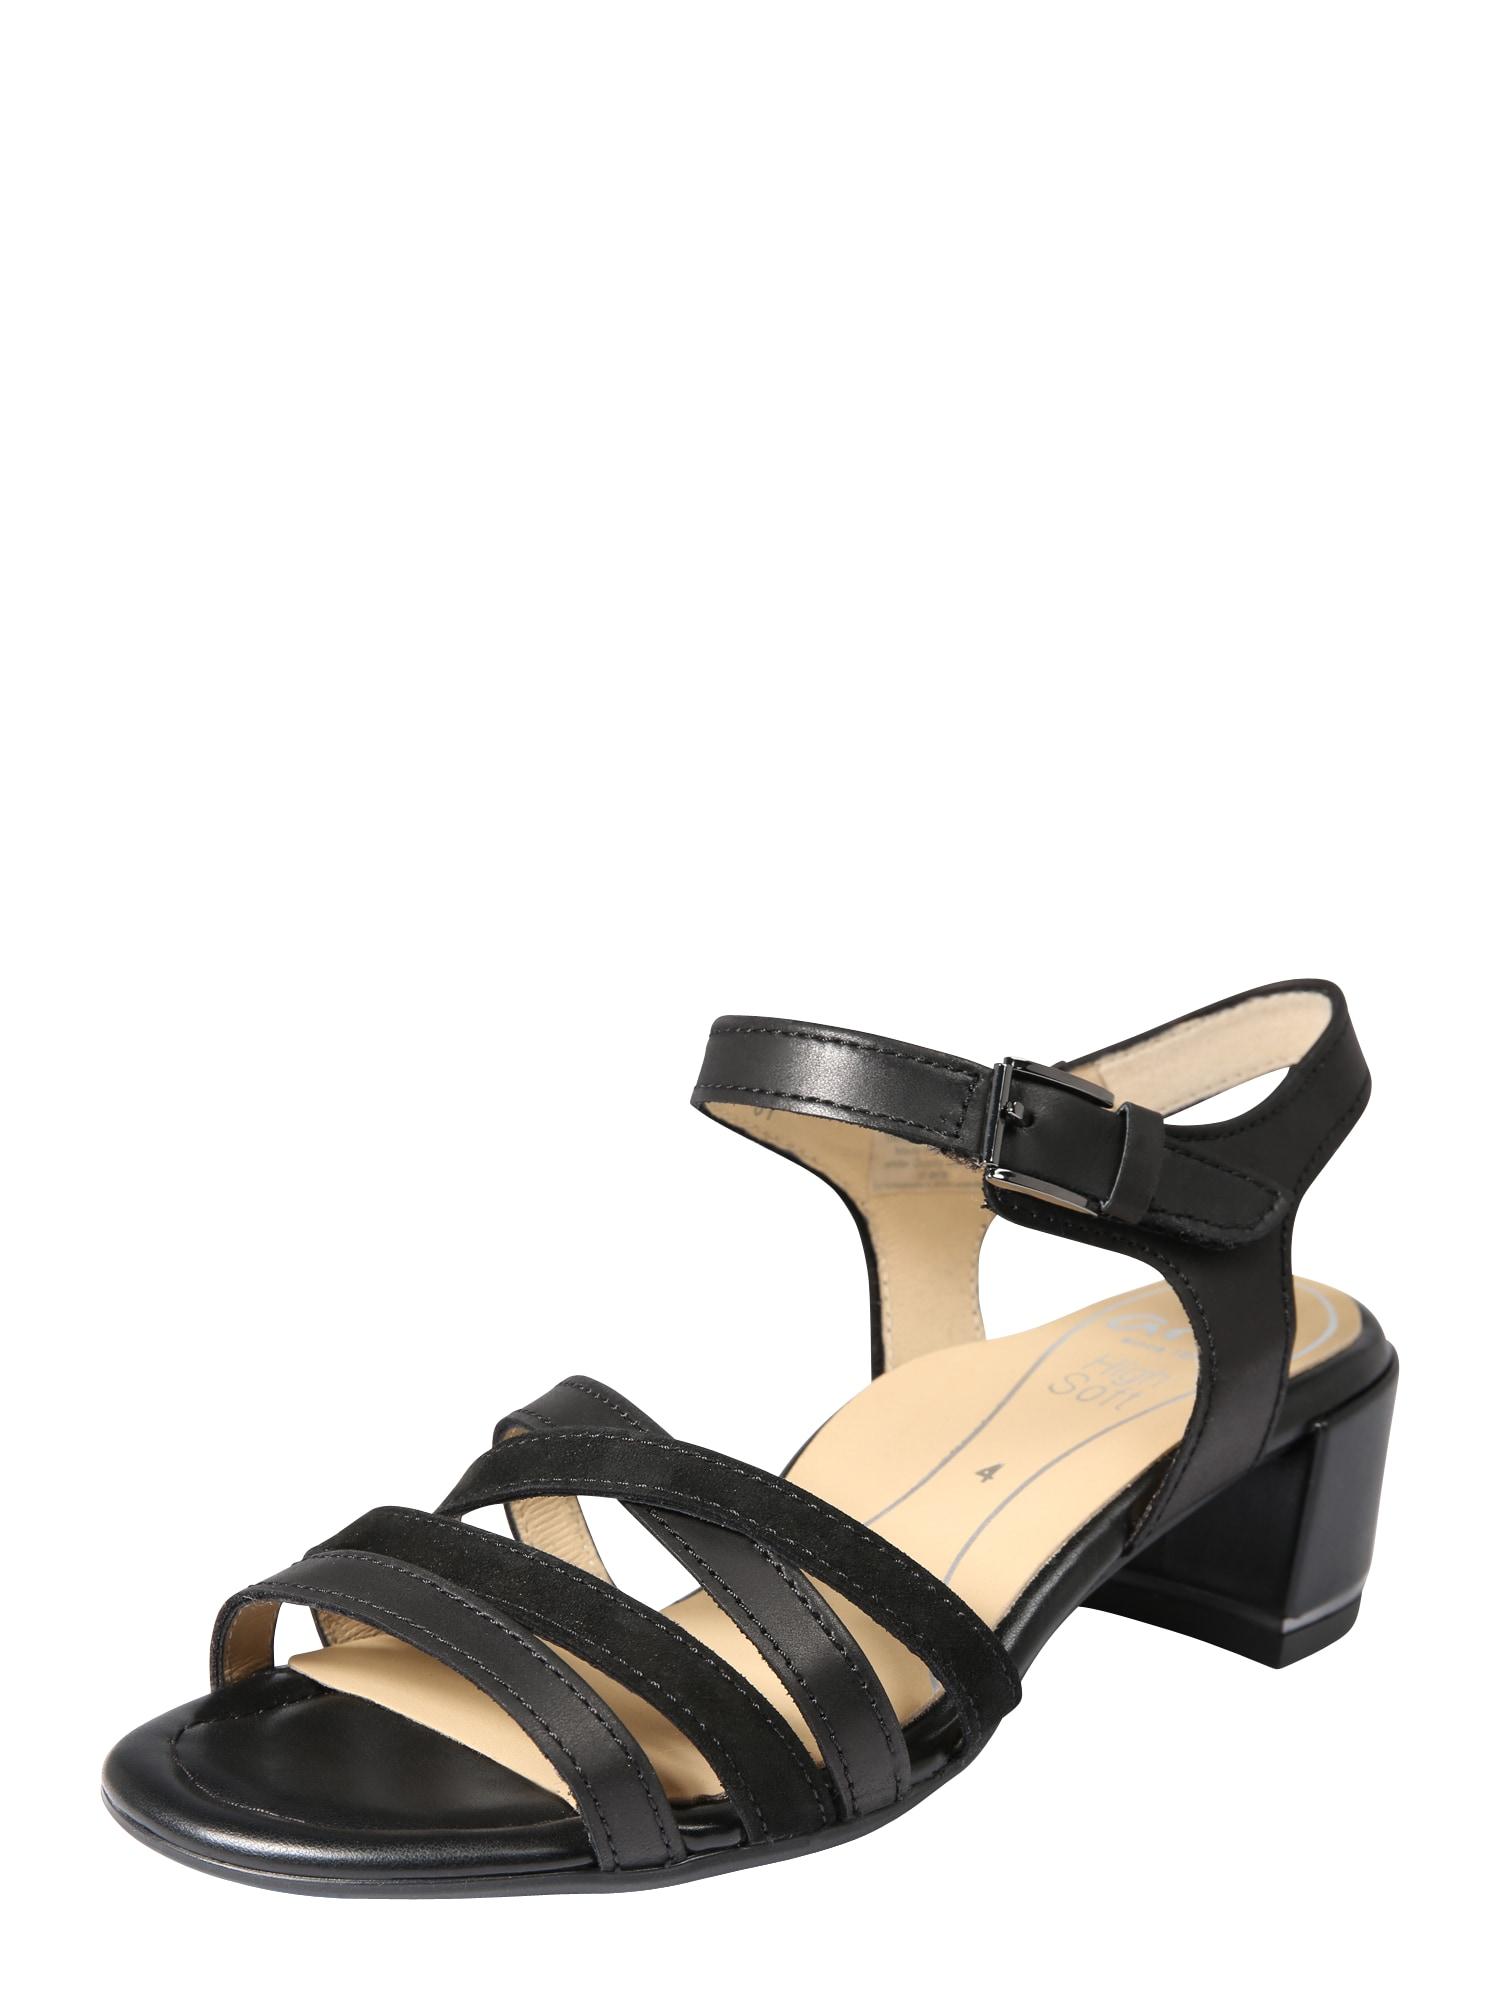 Sandály GRADO-HIGHSOFT černá ARA